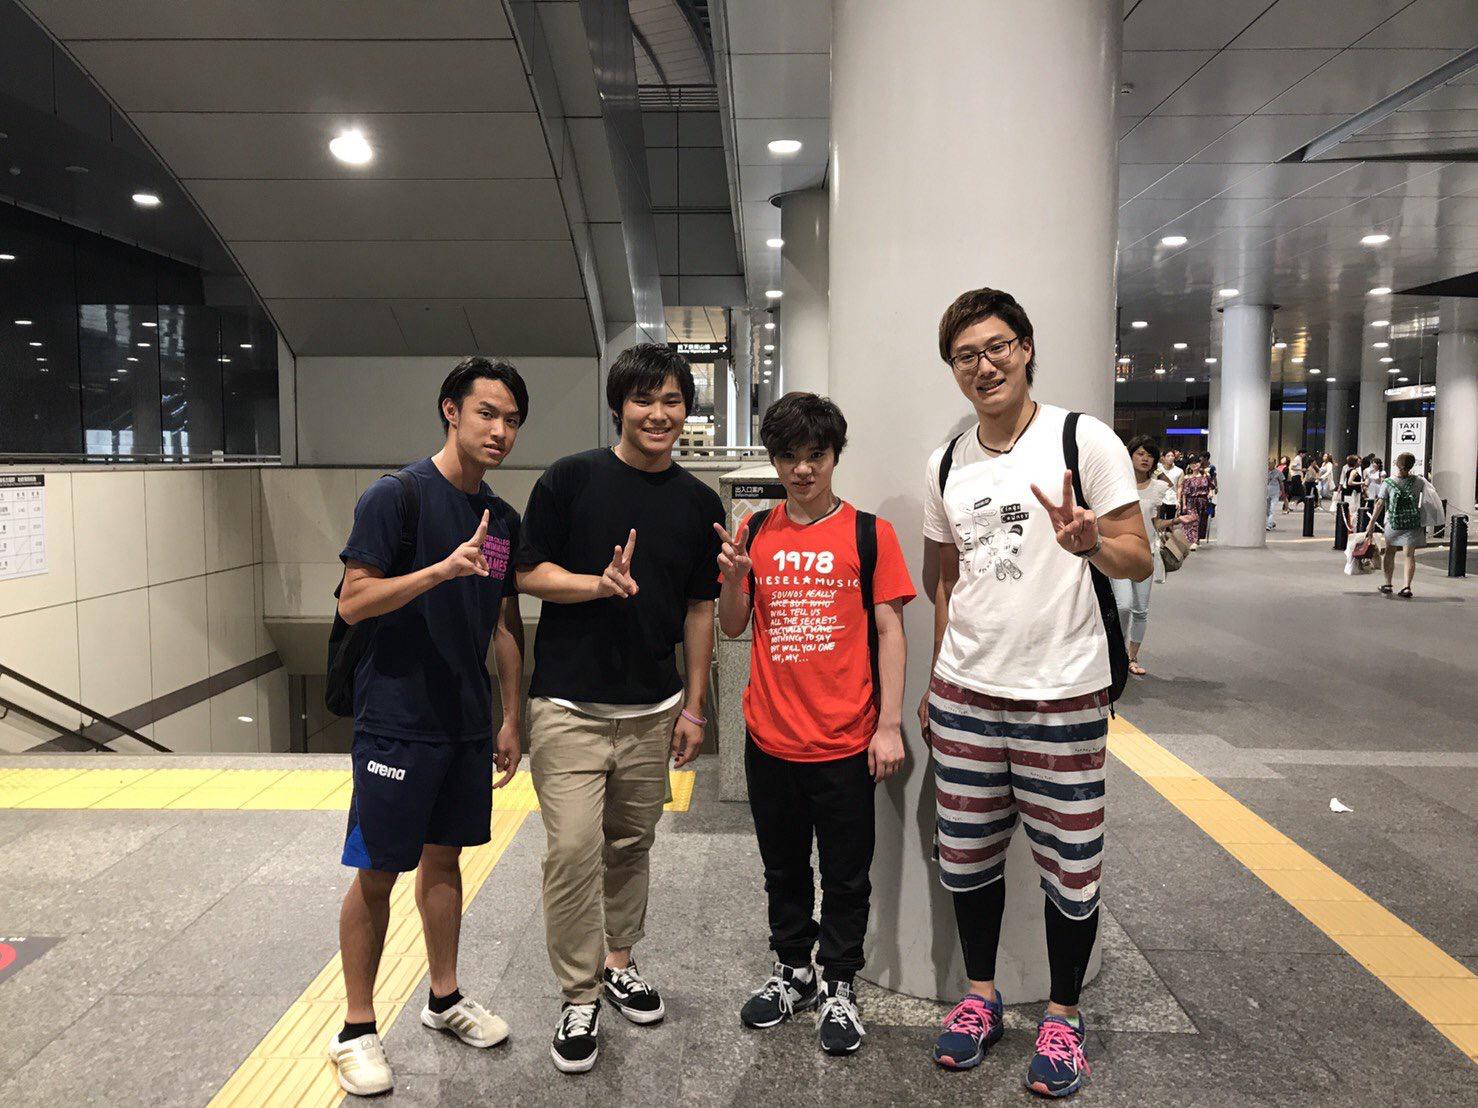 可愛さが引き立ってる。宇野昌磨選手が帰国し名古屋駅で学生さんらと一緒に記念撮影